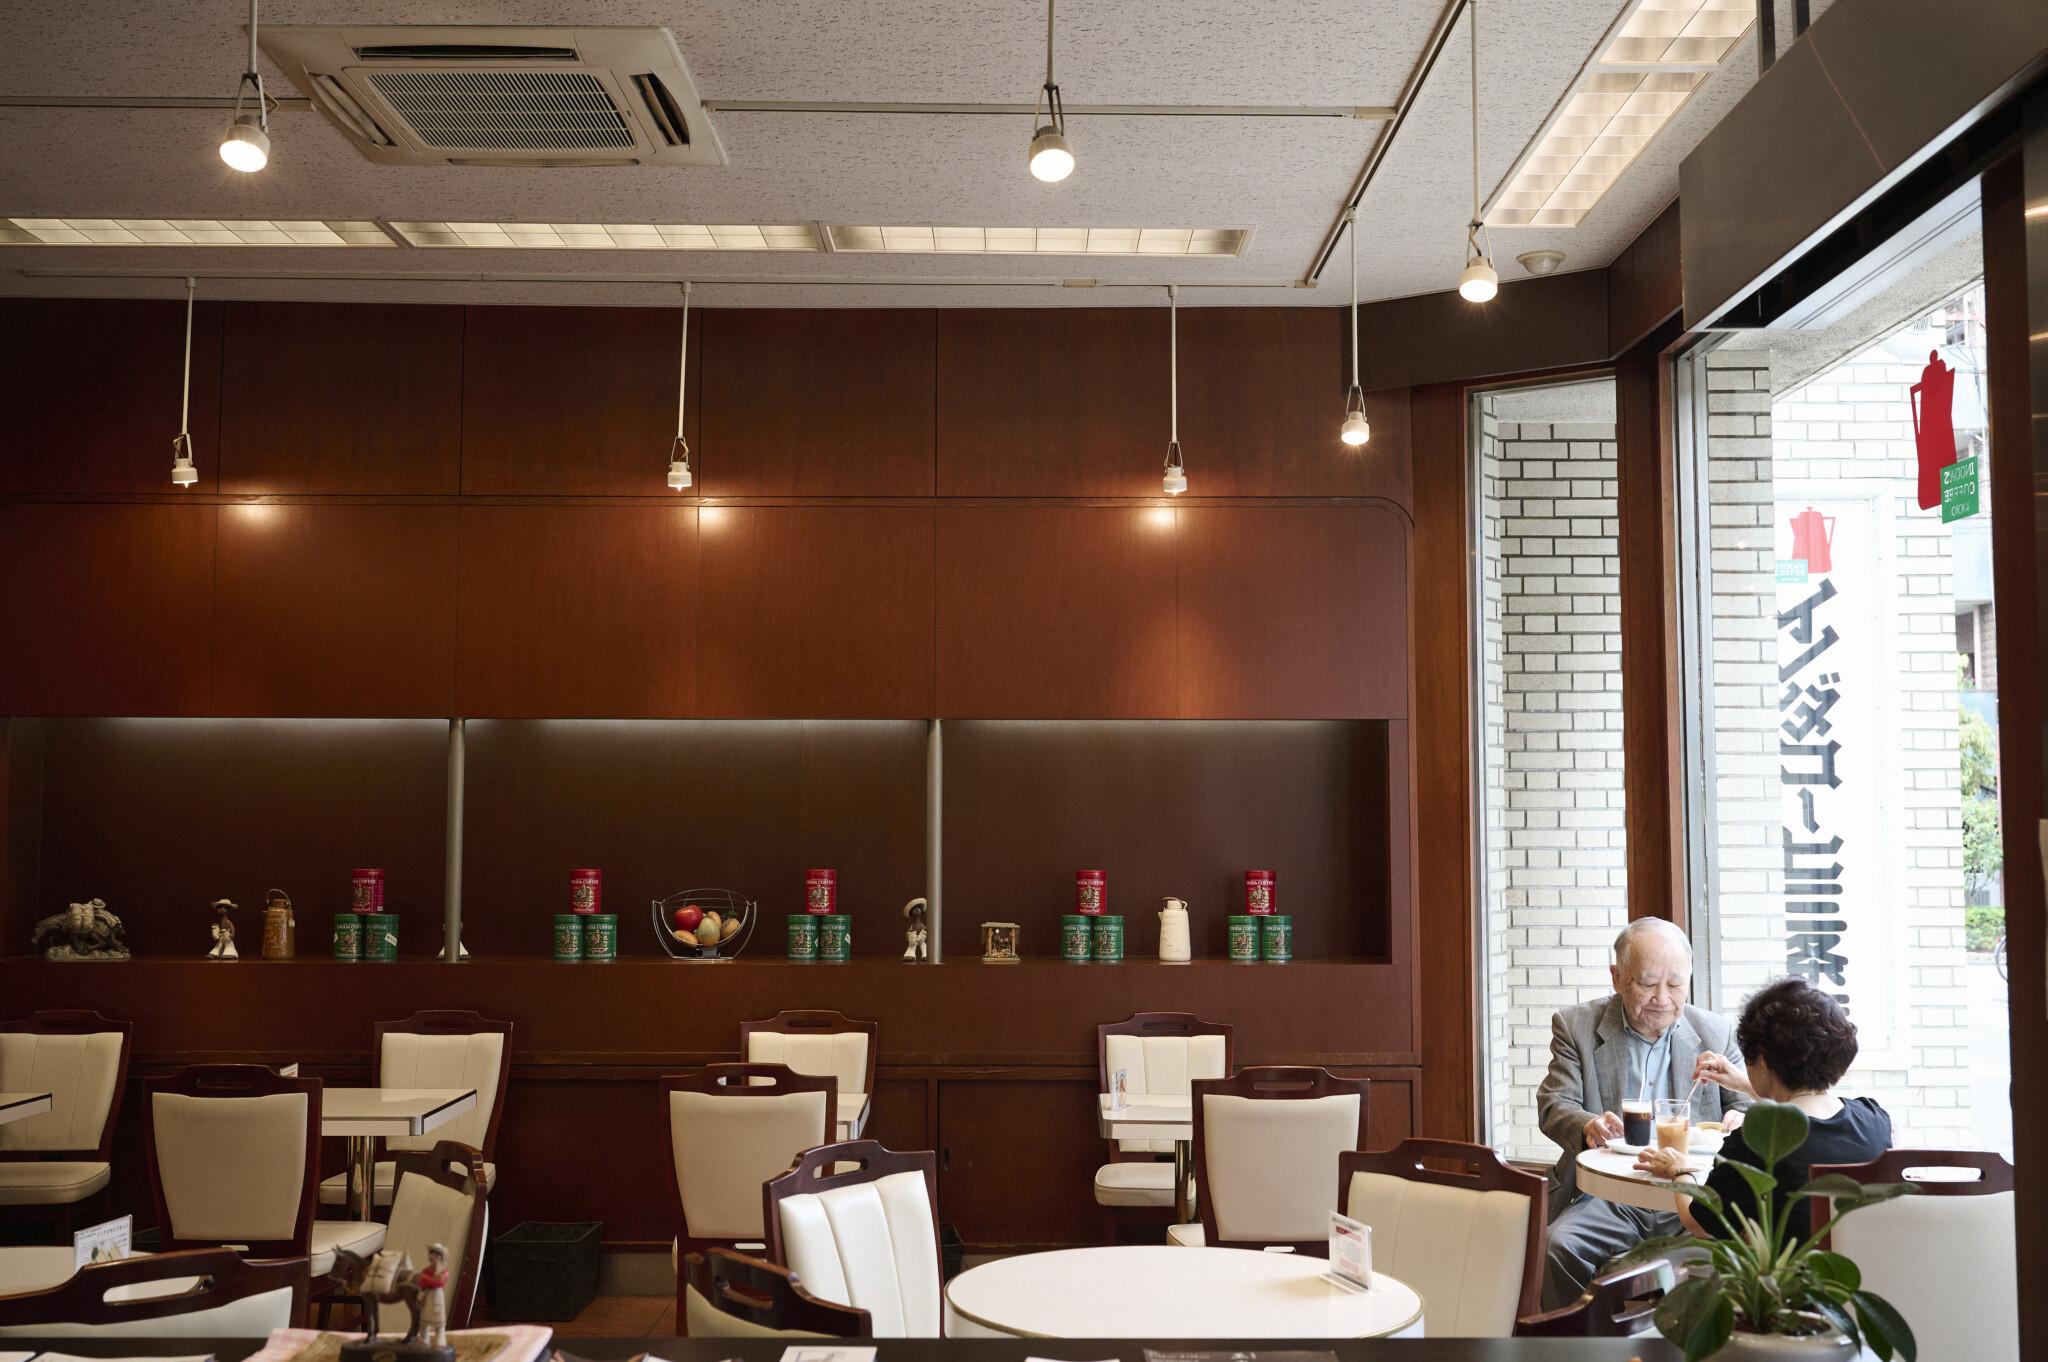 「イノダ行こか」が合言葉。京都喫茶のシンボル〈イノダコーヒ本店〉が長く愛されている理由。